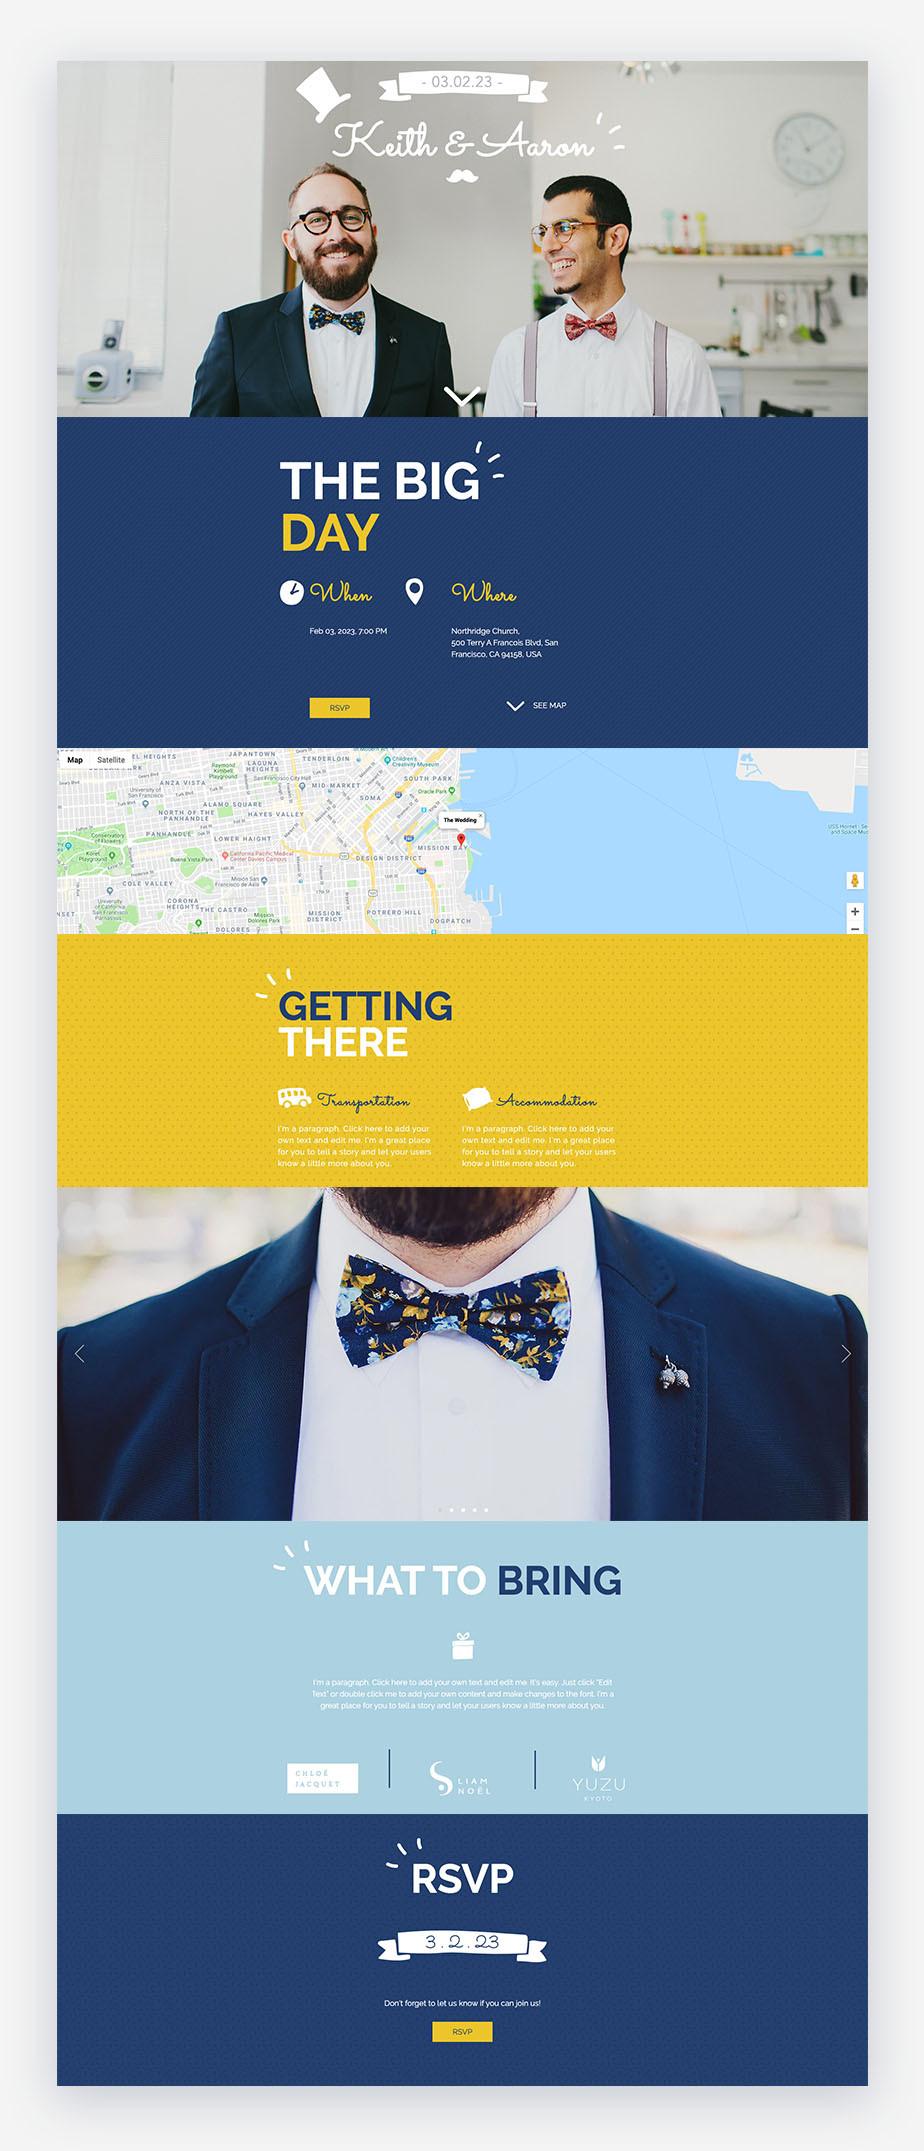 esempio di sito per matrimonio wix con due ragazzi